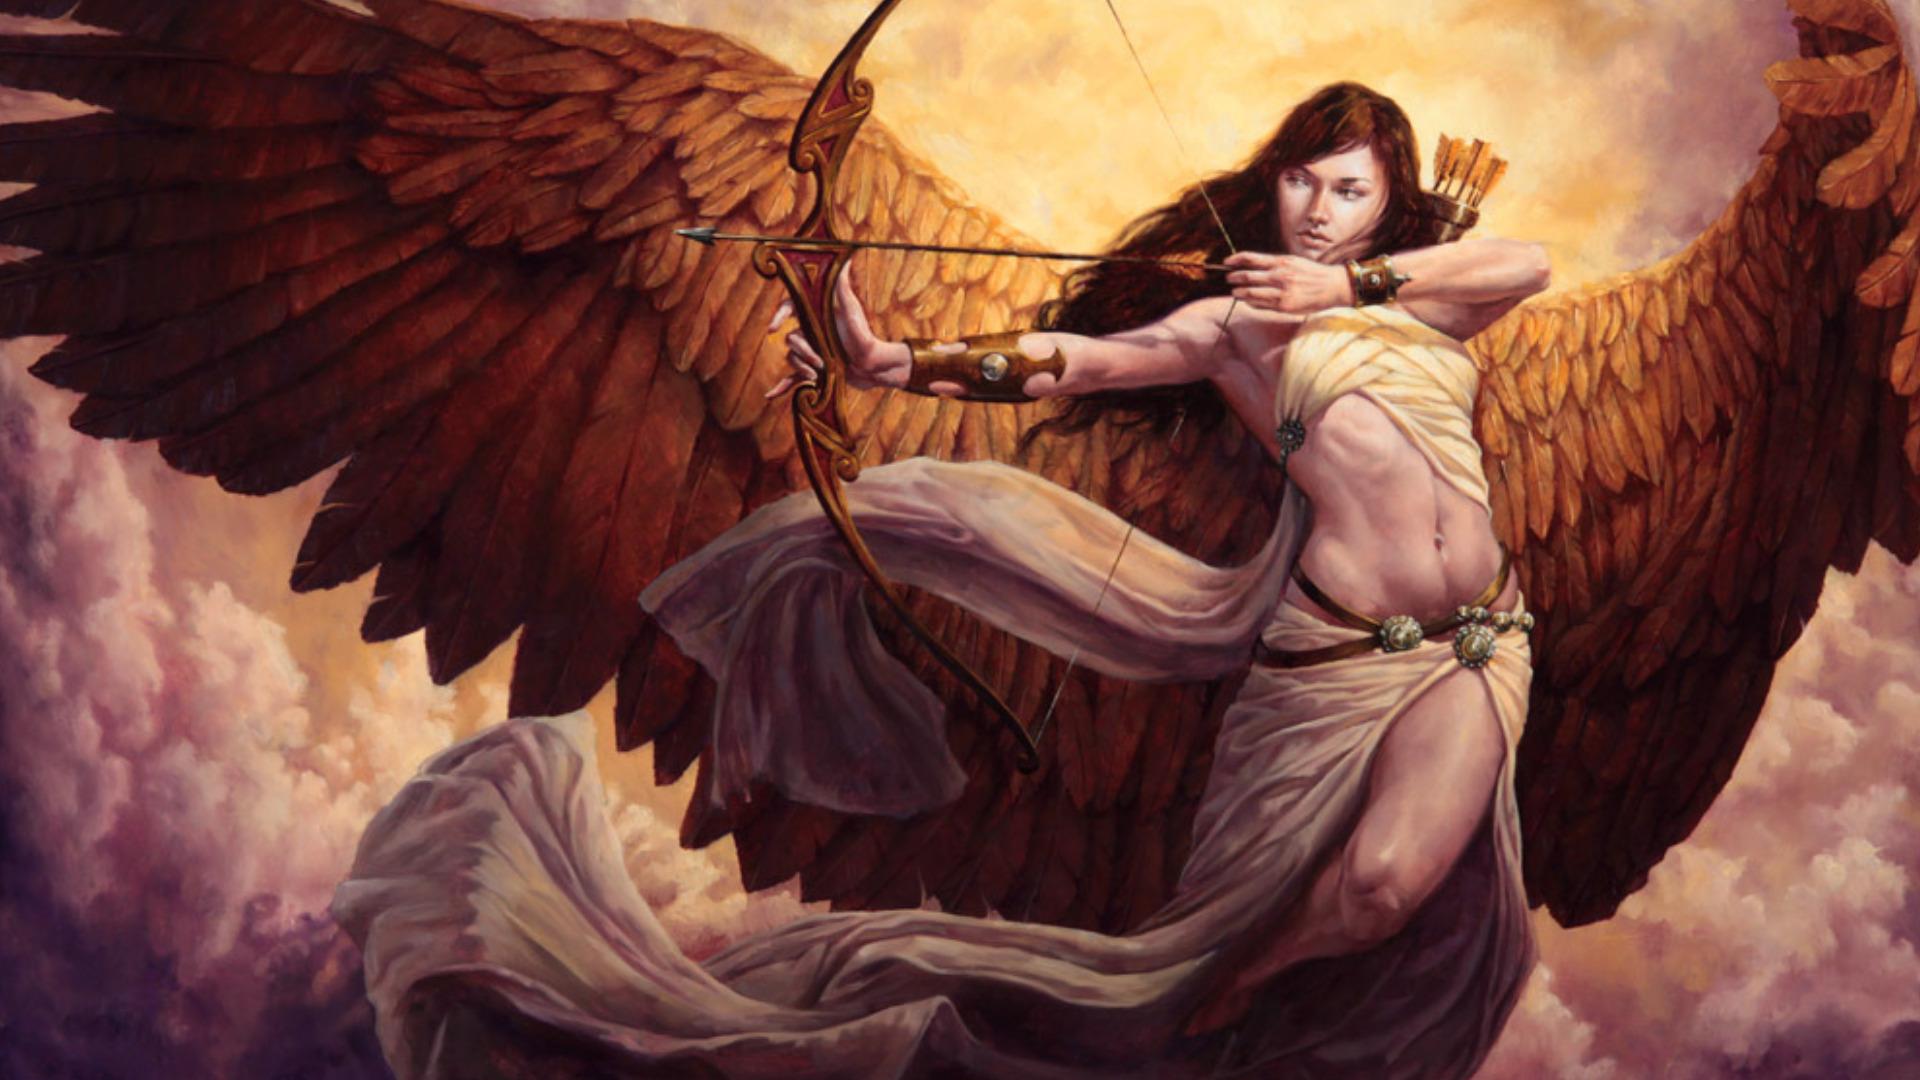 angel photoshop fantasy famale - photo #26